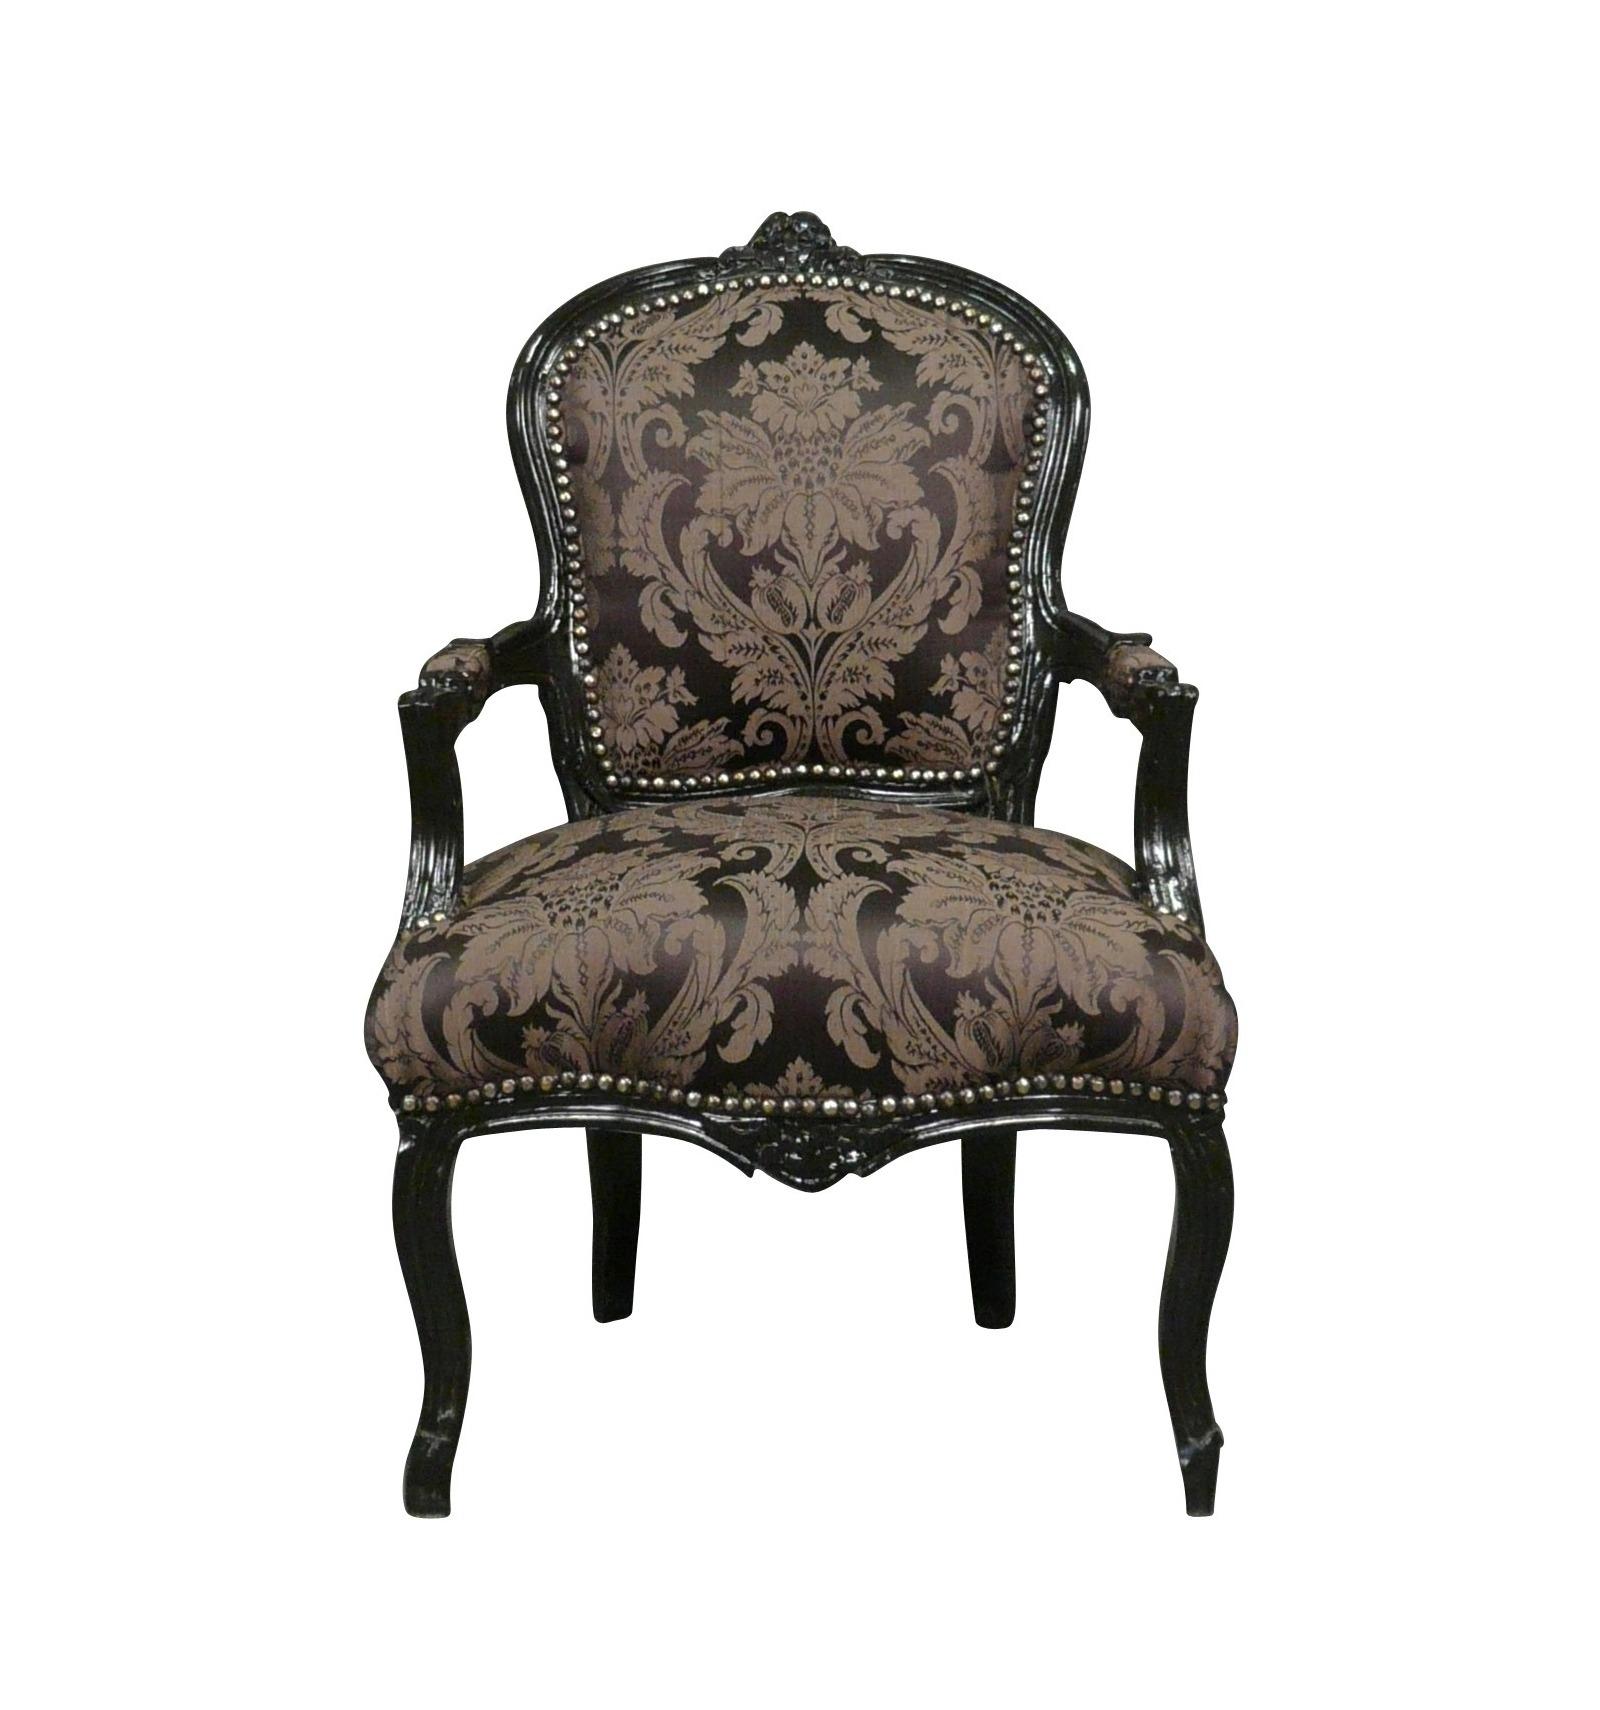 Chaise Salle A Manger Louis Xv fauteuil louis xv noir à fleurs - meubles de style louis xv